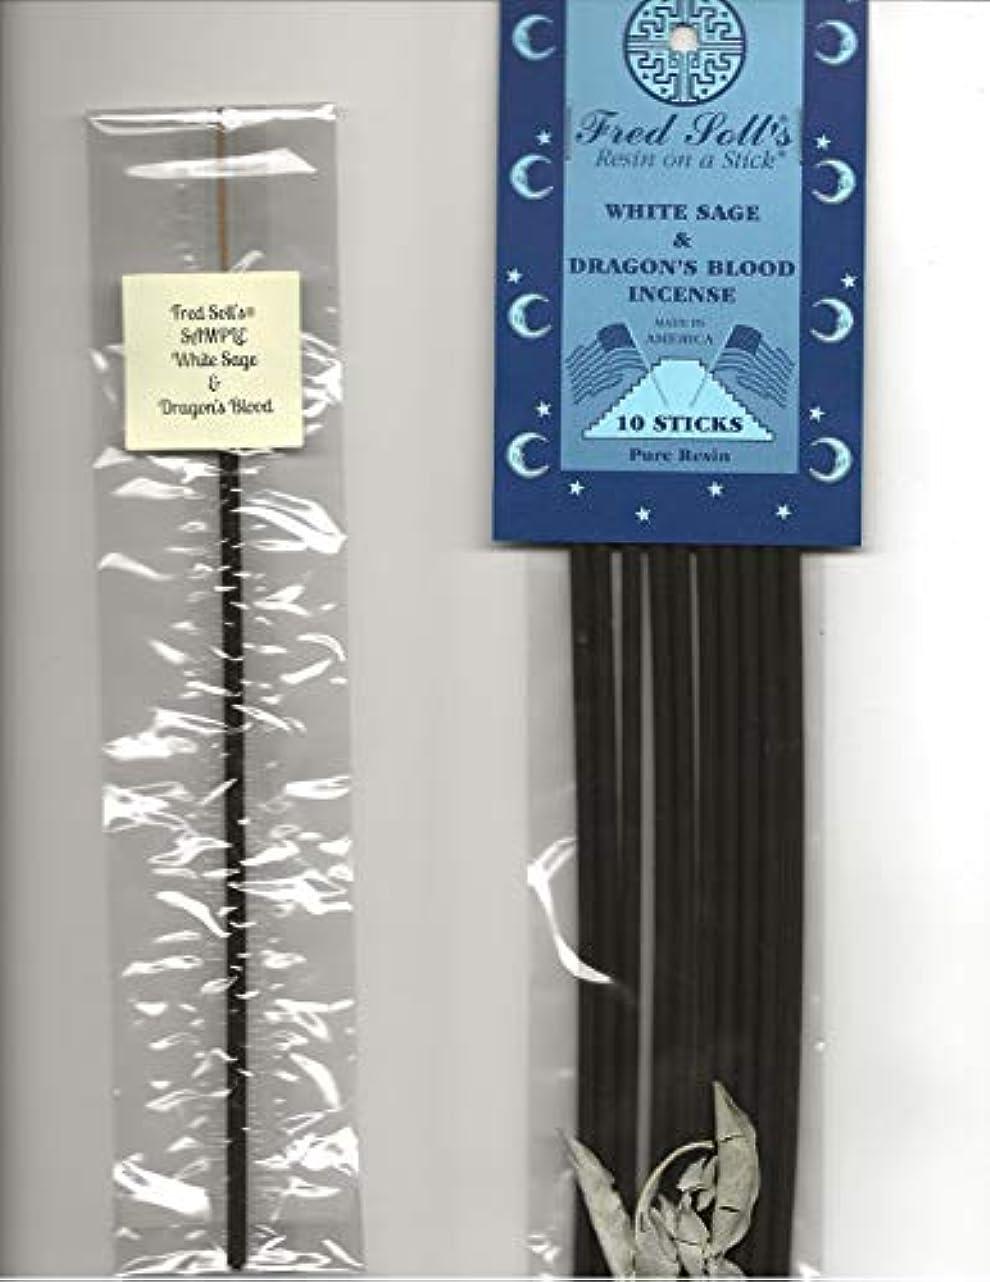 貴重な密チャペルFRED SOLL'S 樹脂製インクオンザスティックホワイトセージ&ドラゴンブラッドインセンス 1 STICK